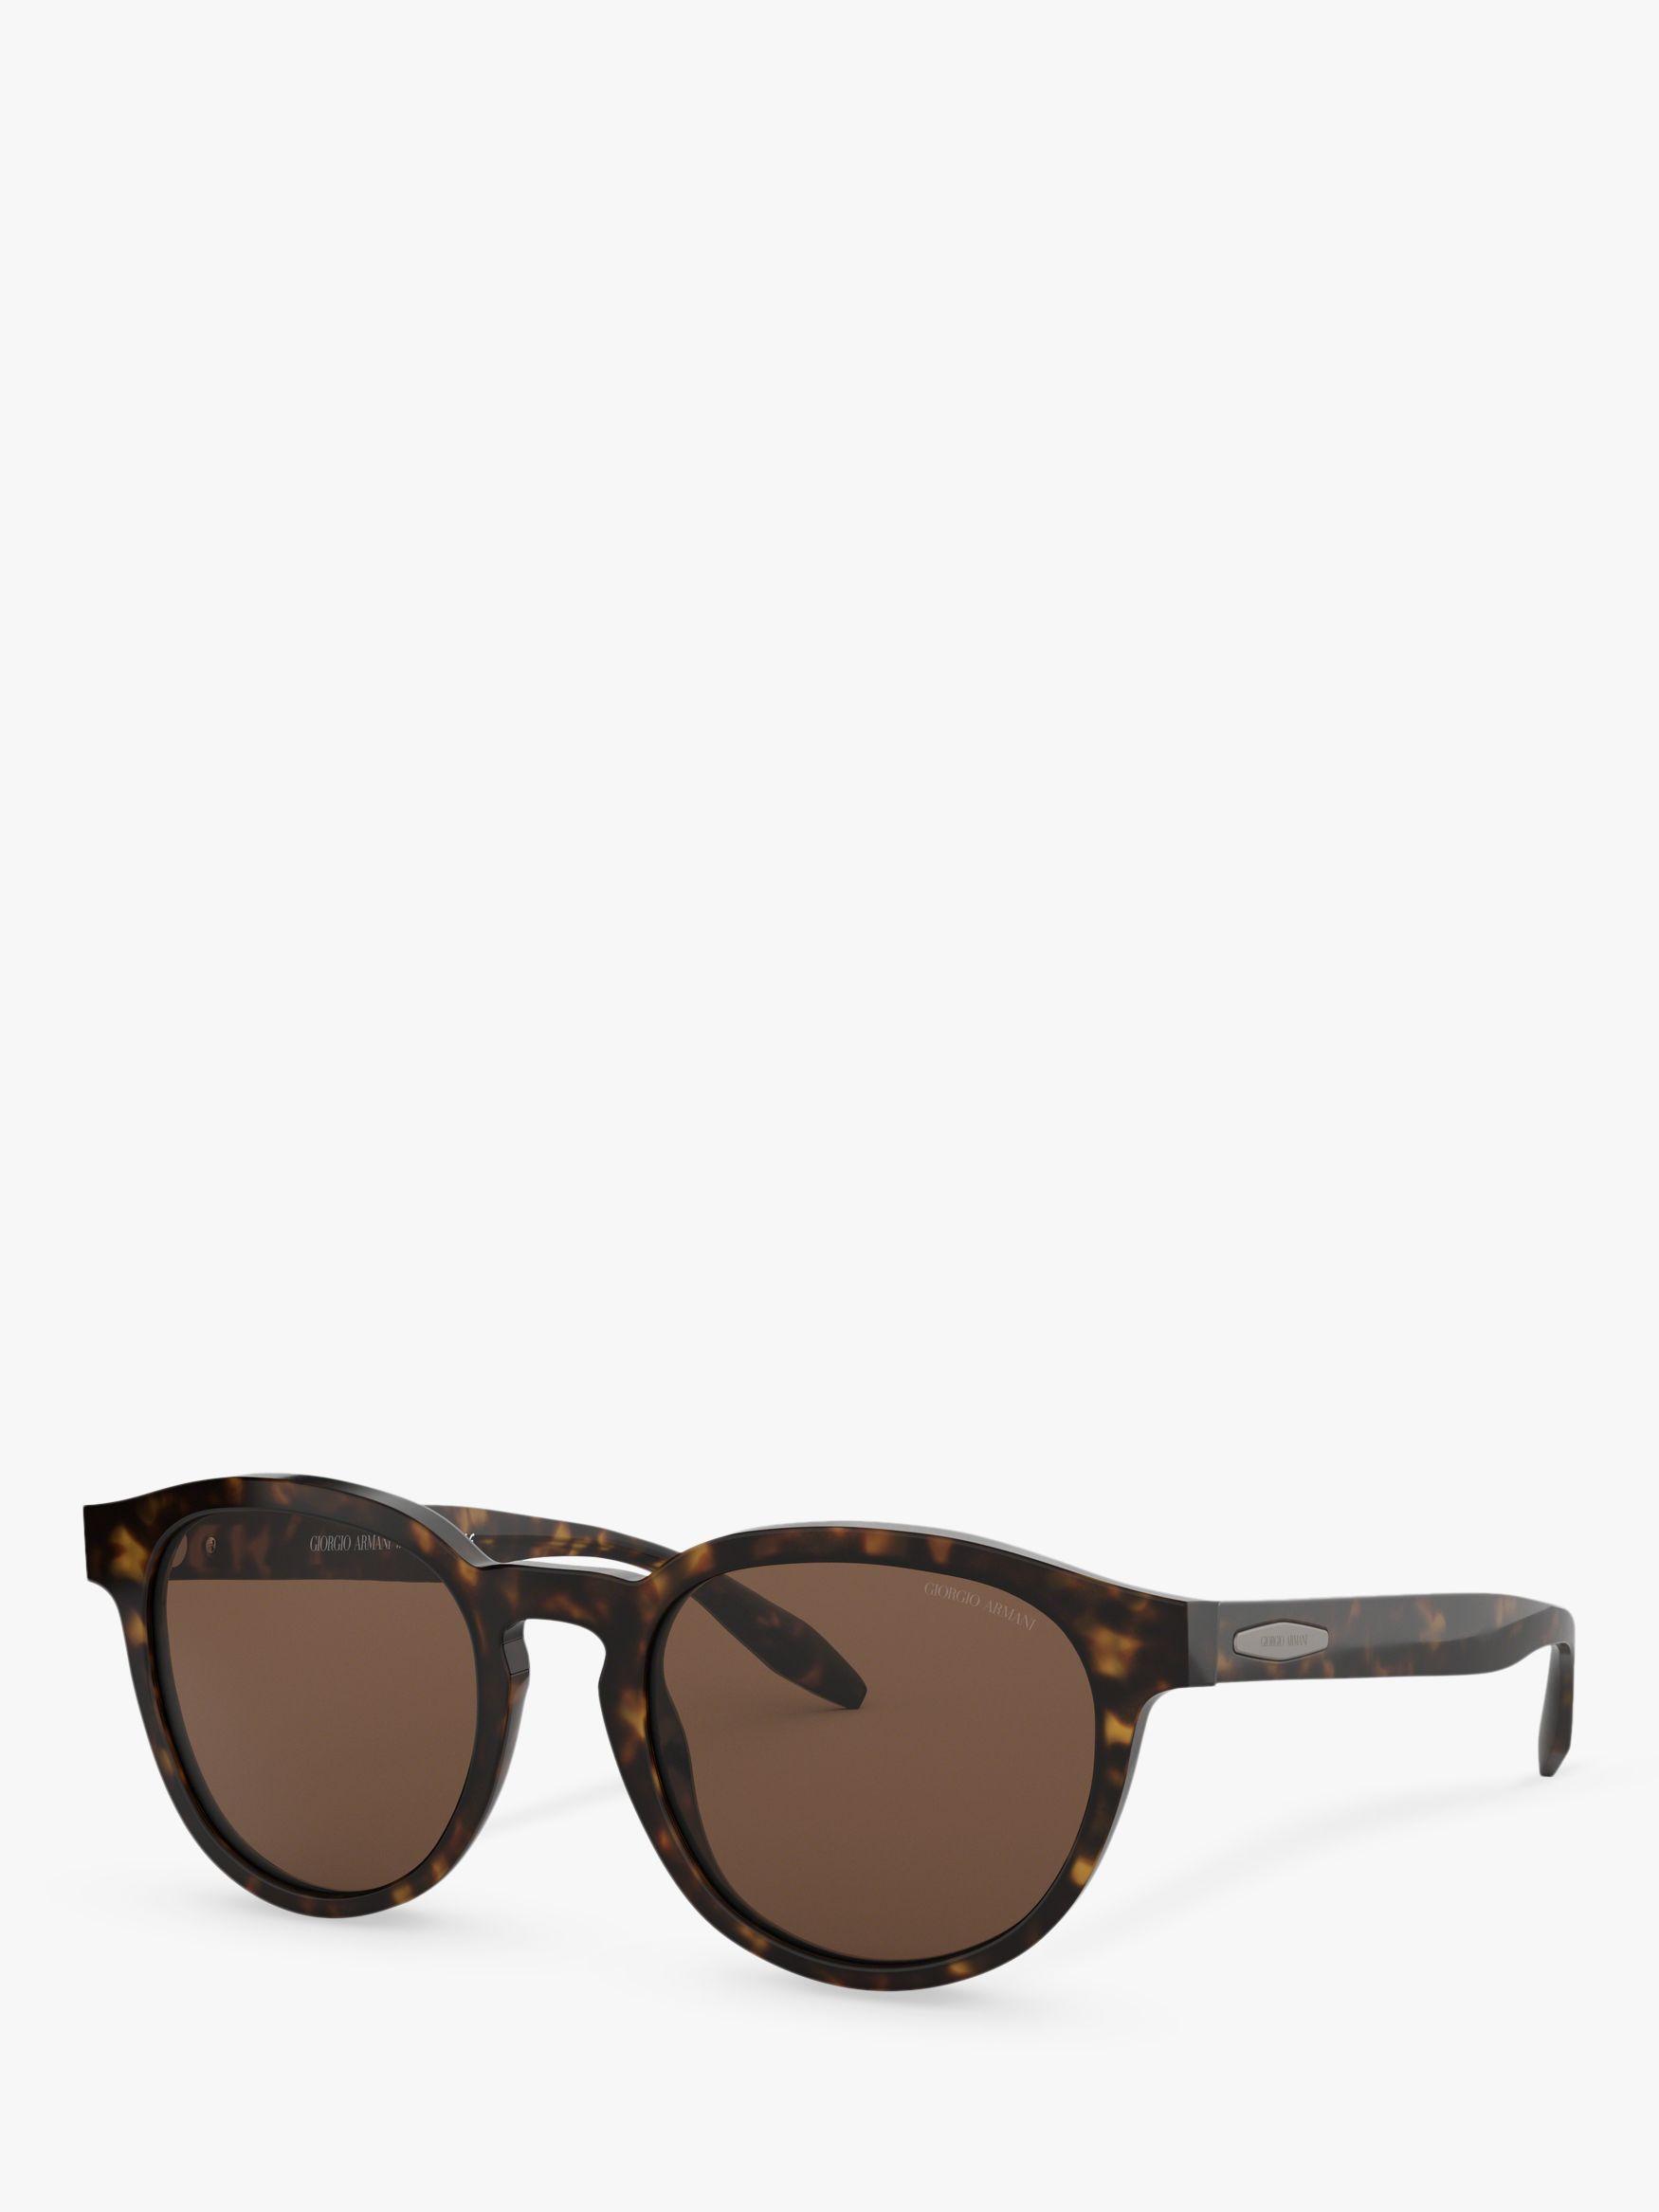 6defdbe5ec70 Giorgio Armani AR8115 Men s Phantos Sunglasses